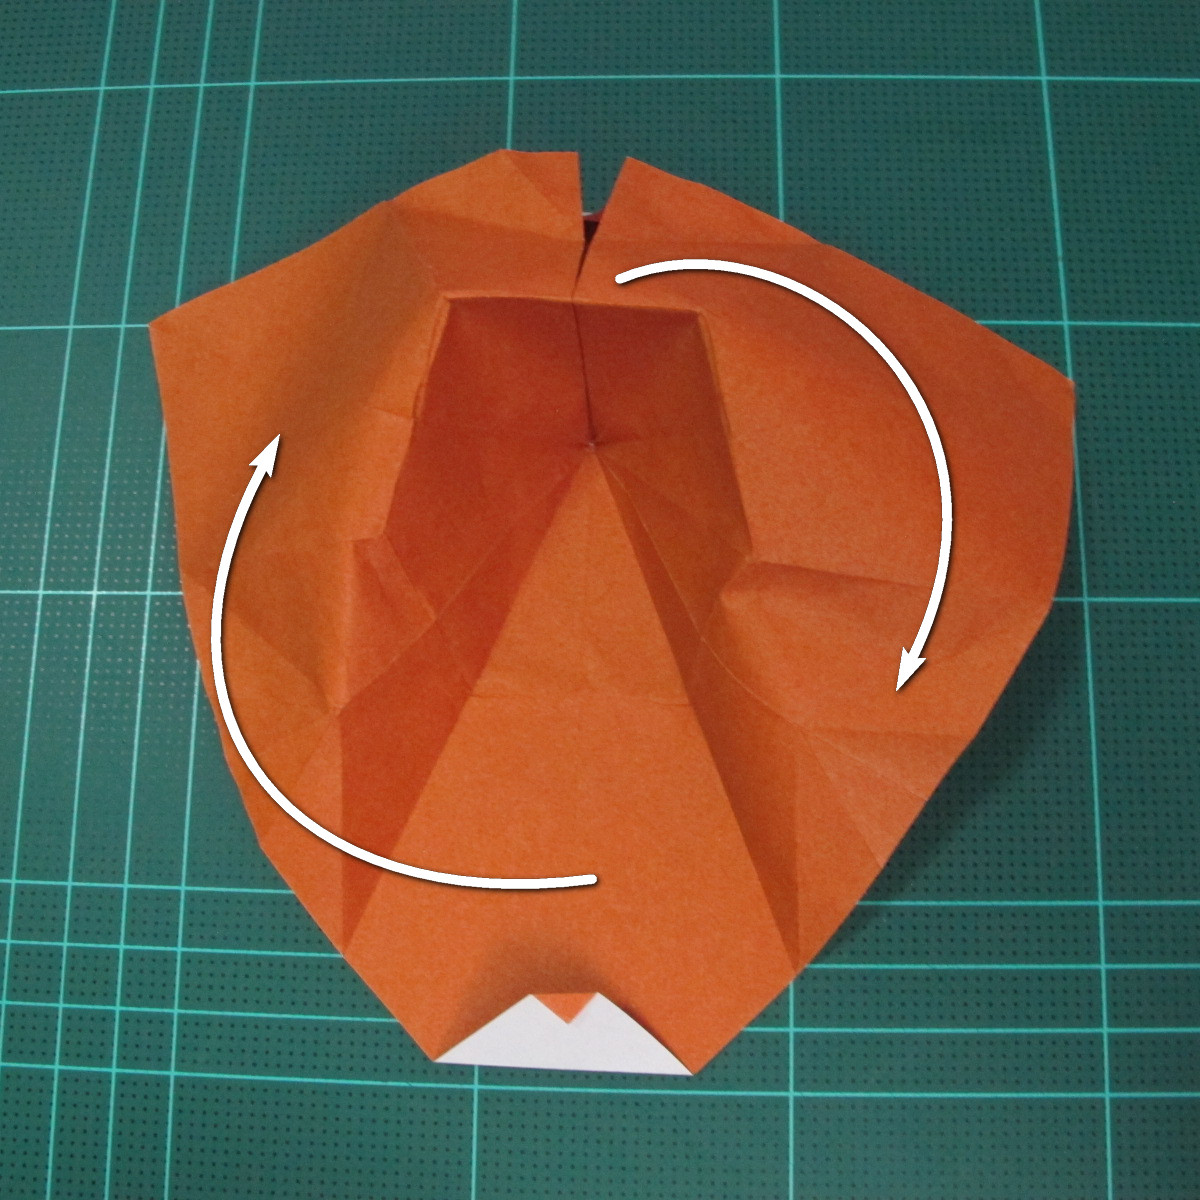 การพับกระดาษเป็นที่คั่นหนังสือหมีแว่น (Spectacled Bear Origami)  โดย Diego Quevedo 020